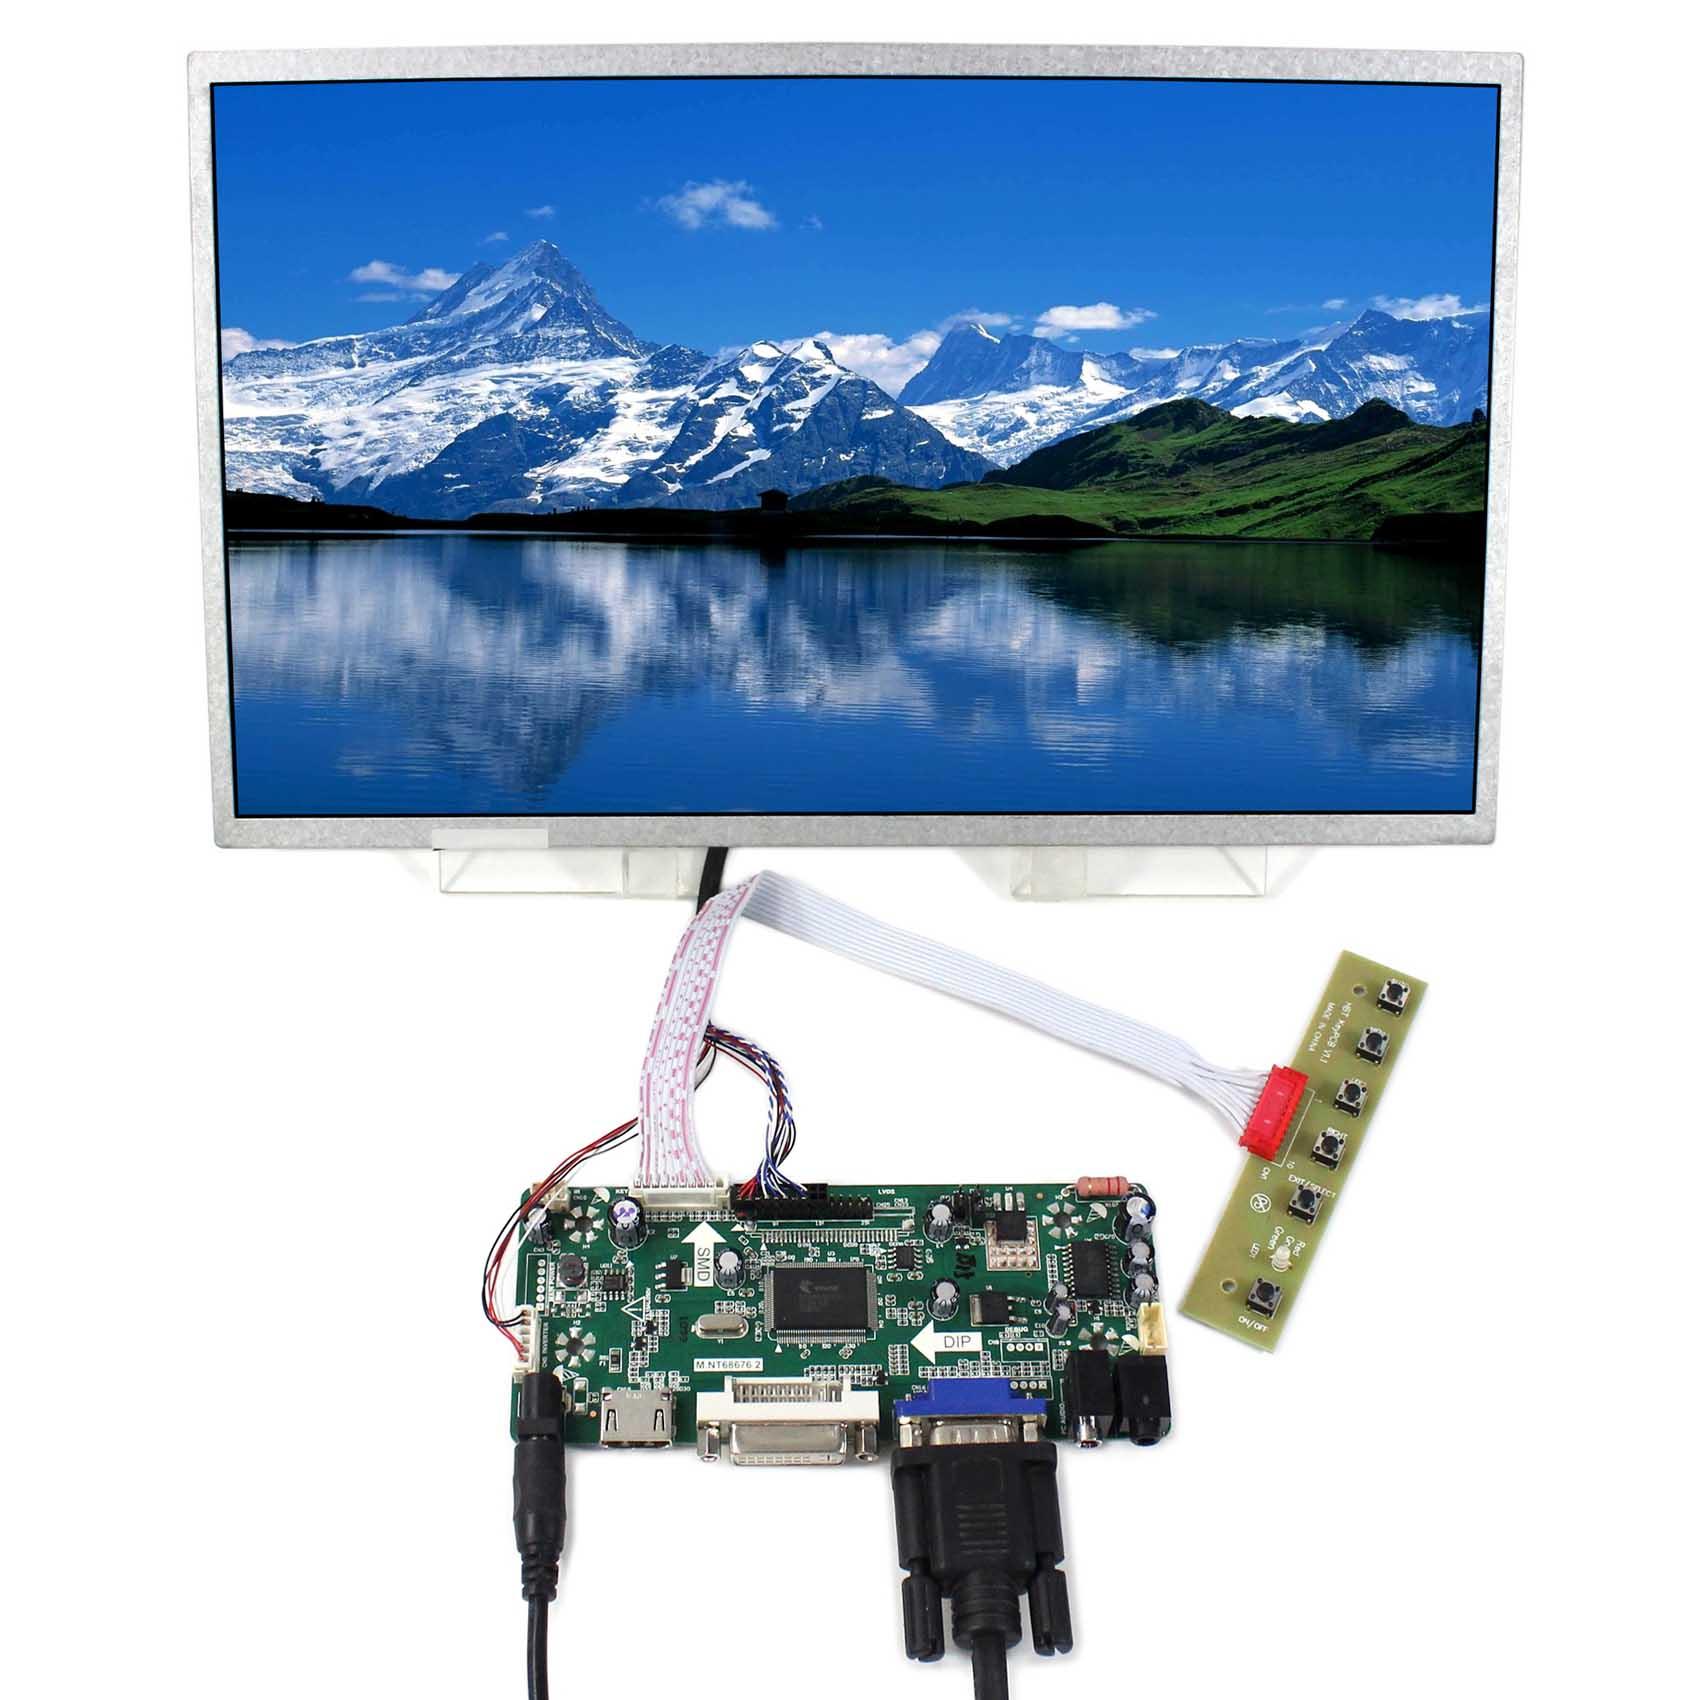 HDMI VGA DVI Control board 13.3inch 1366x768 N133B6 LP133WH1 LTN133AT17 LCD free shipping n133b6 l02 ltn133at17 lp133wh1 tla1 b133xw02 for hp cq32 cq35 cq36 cq325 lenovo z360 g360 cq35 laptop lcd screen